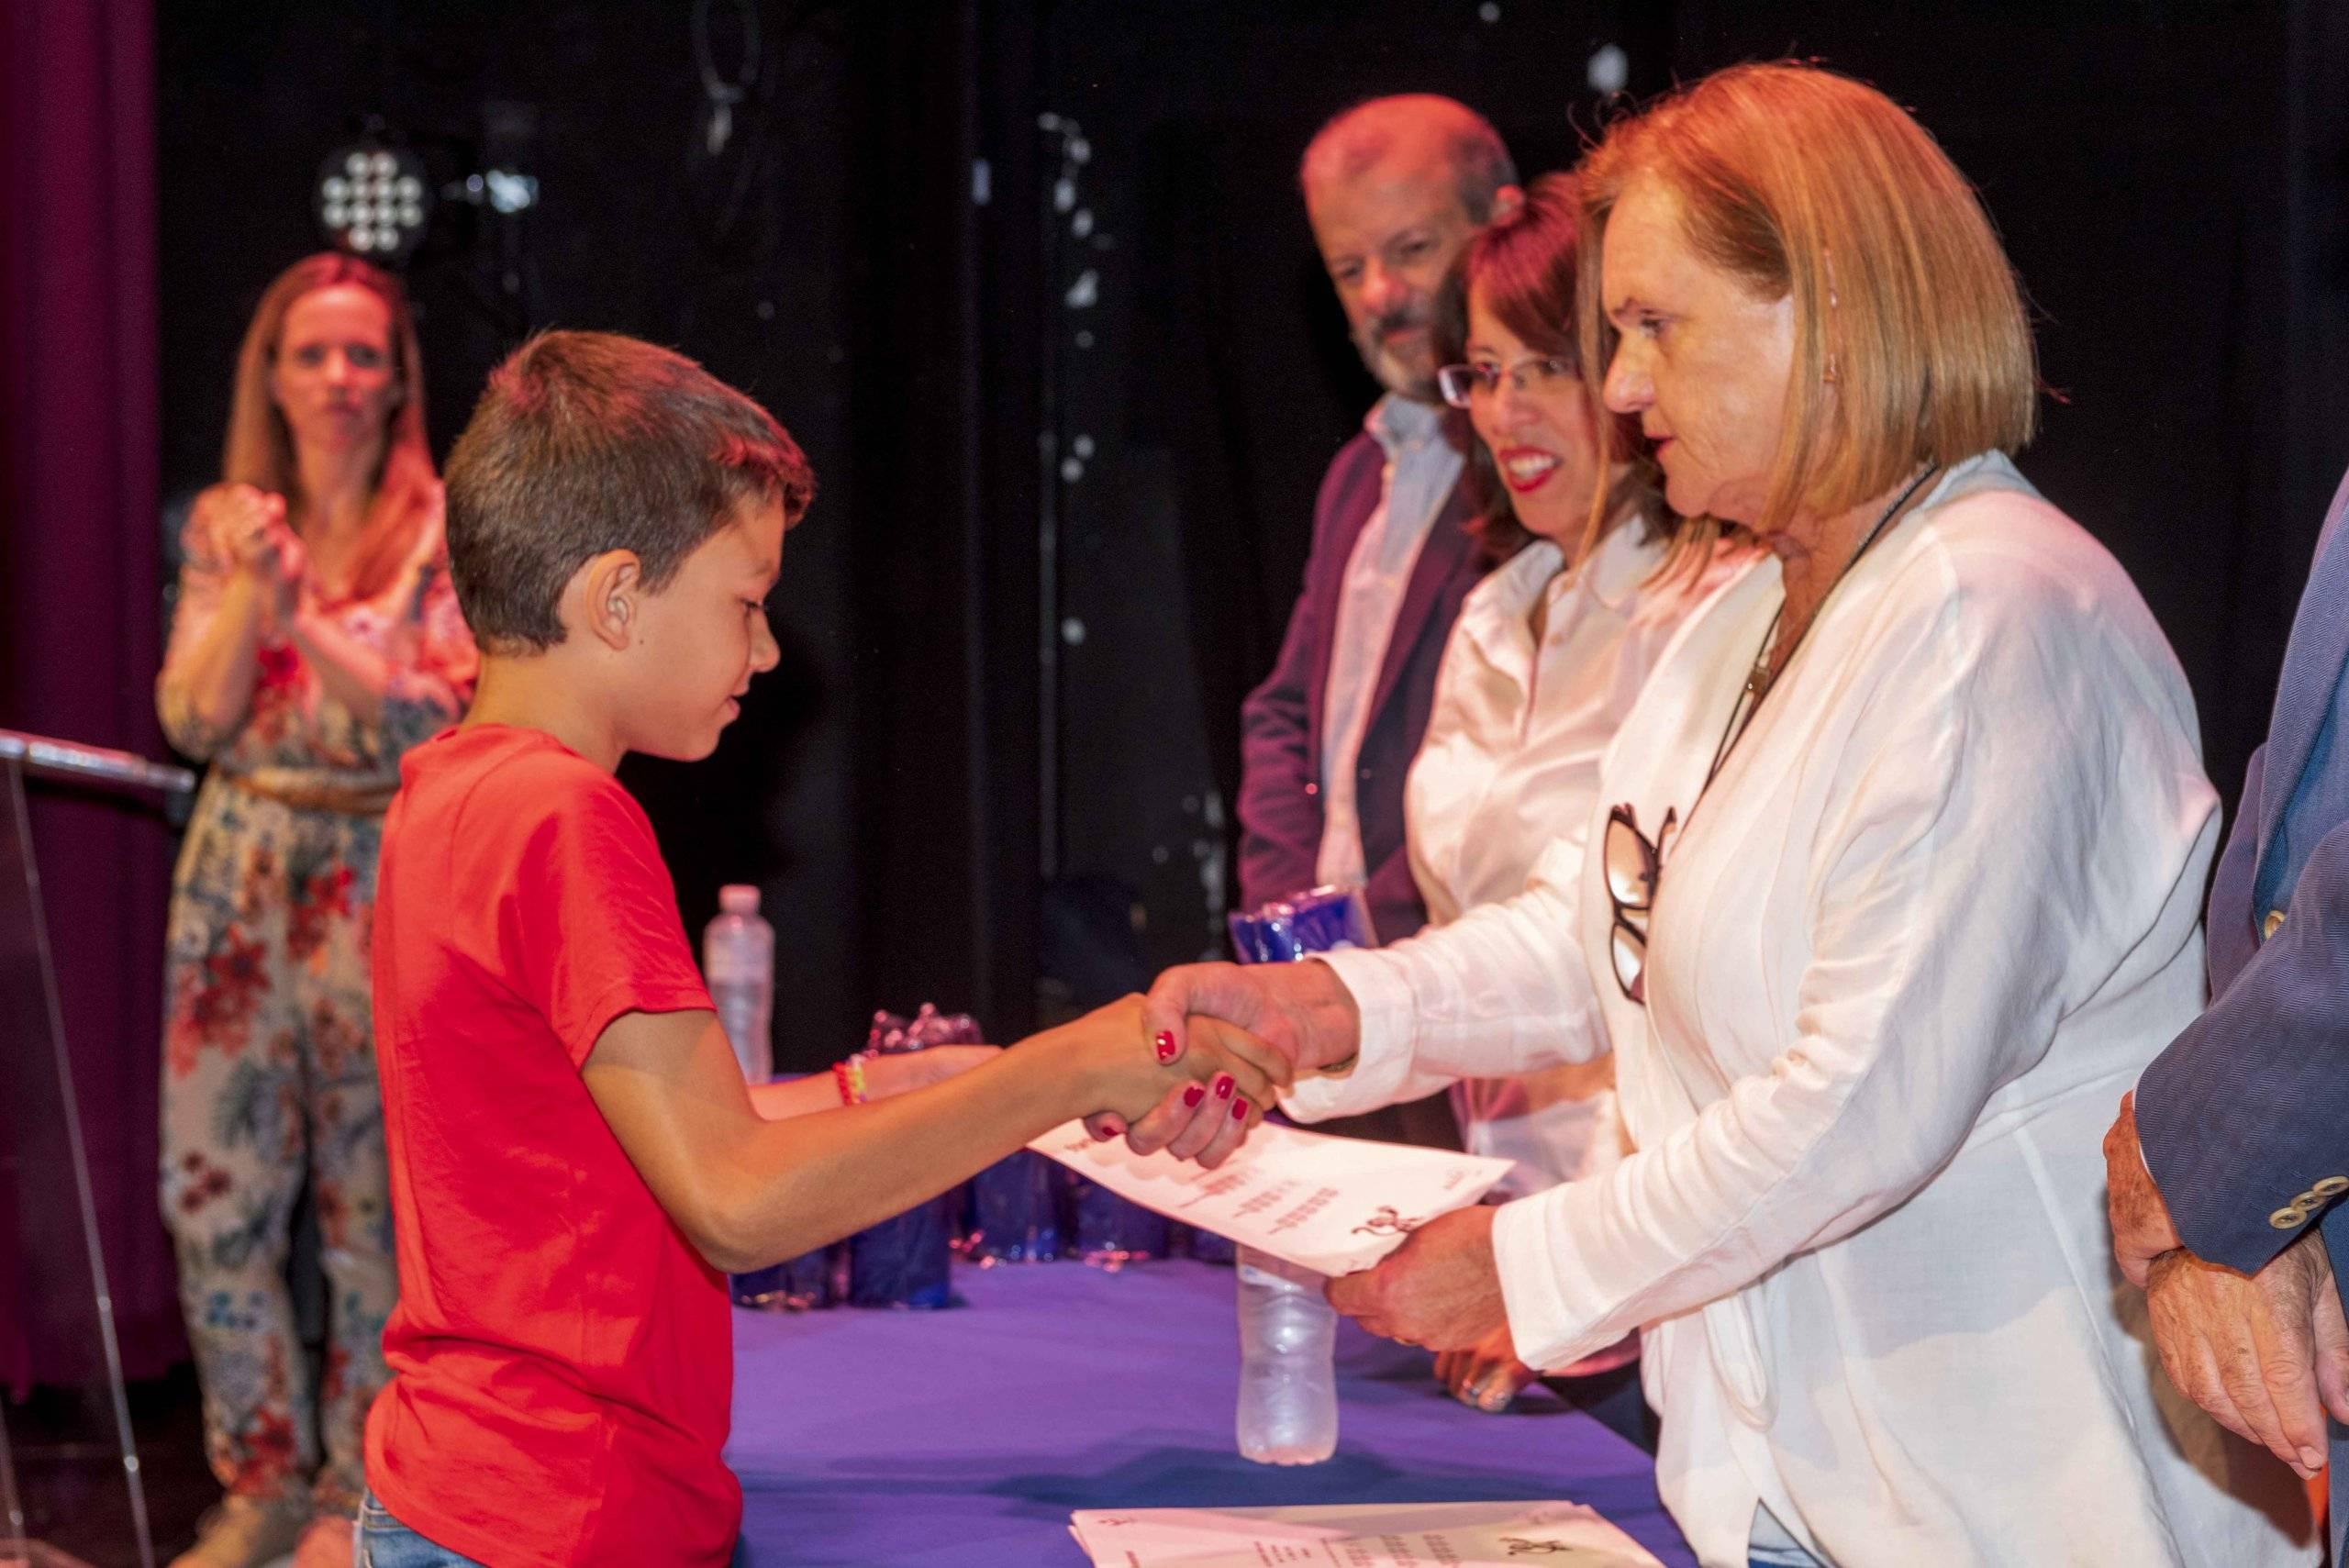 La directora de la Escuela de Inglés entregando un diploma